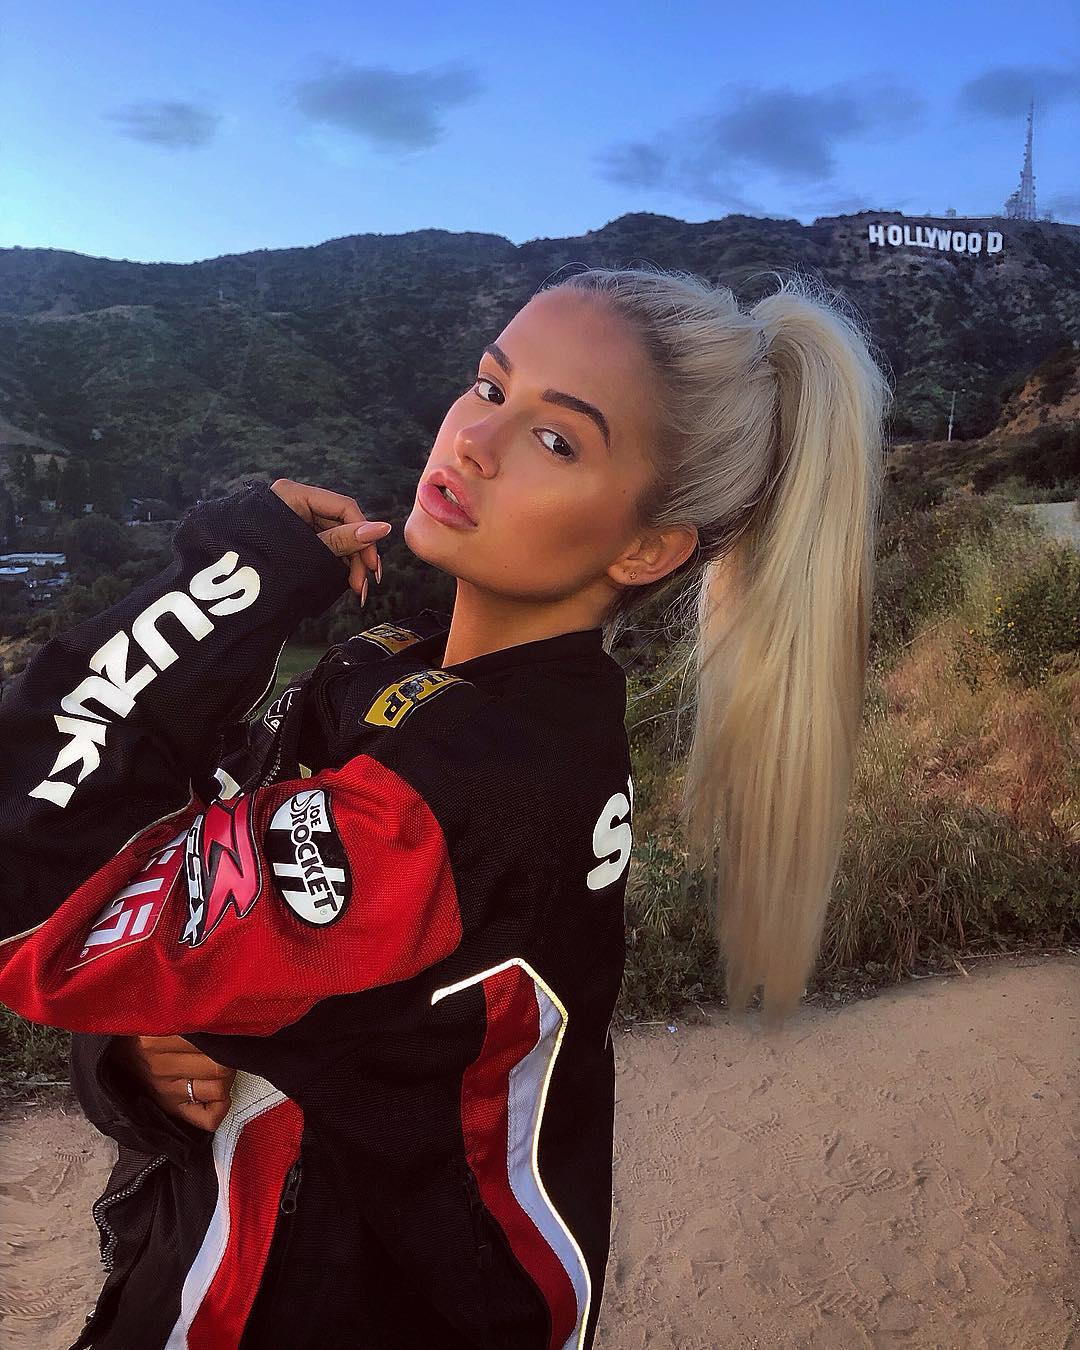 Molly LA-